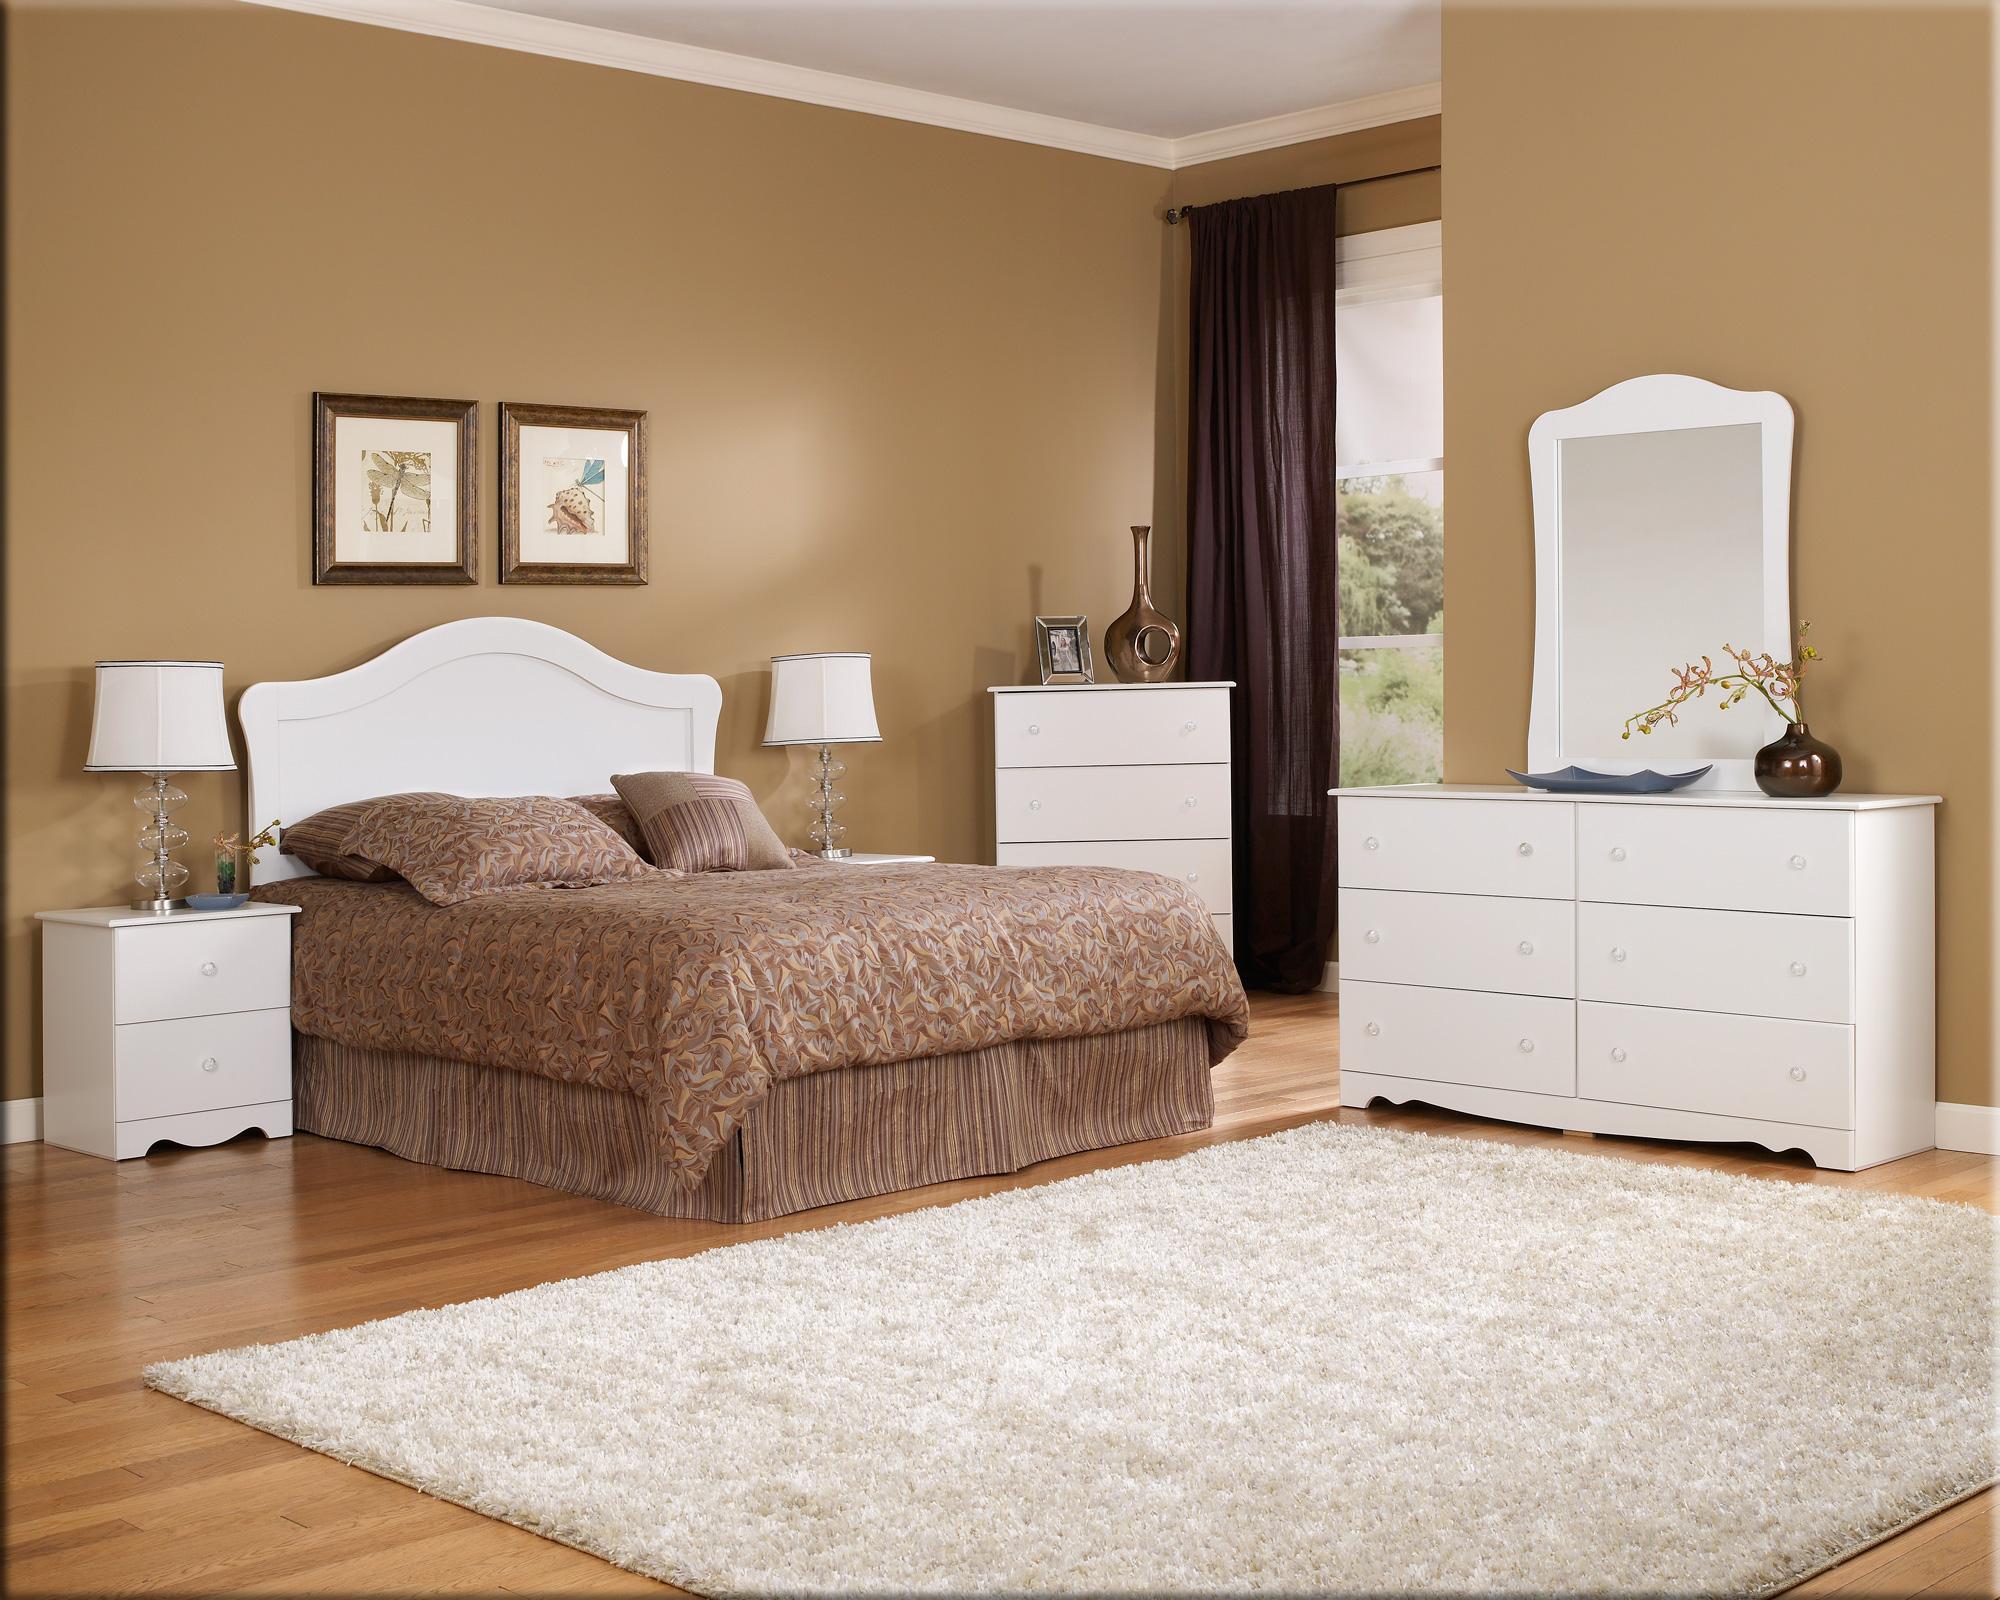 bedroom madison furniture direct. Black Bedroom Furniture Sets. Home Design Ideas